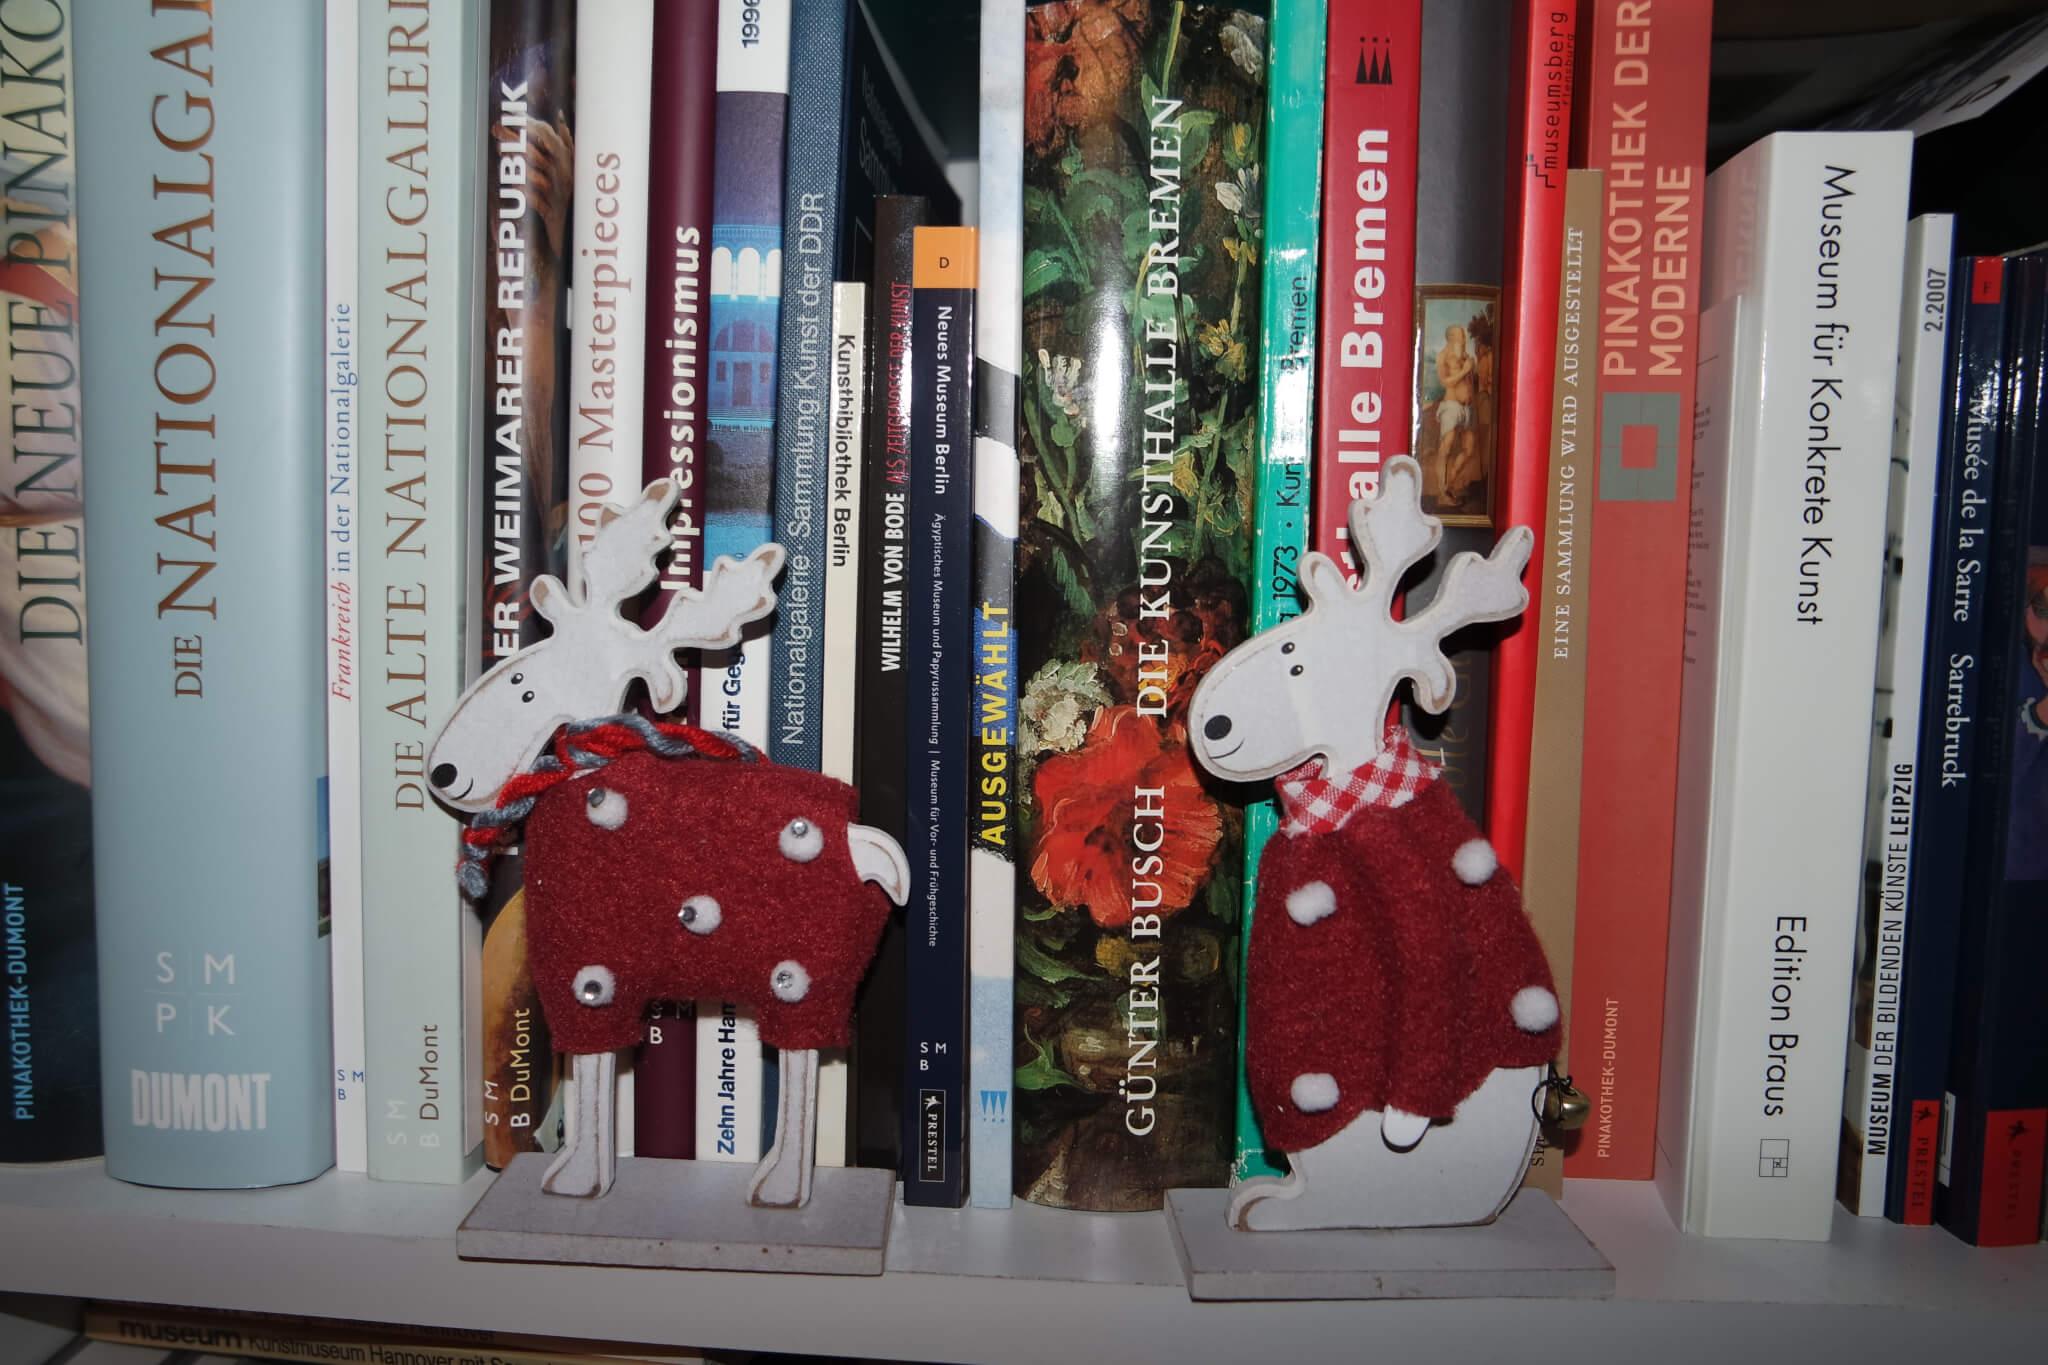 Elche im Bücherregal